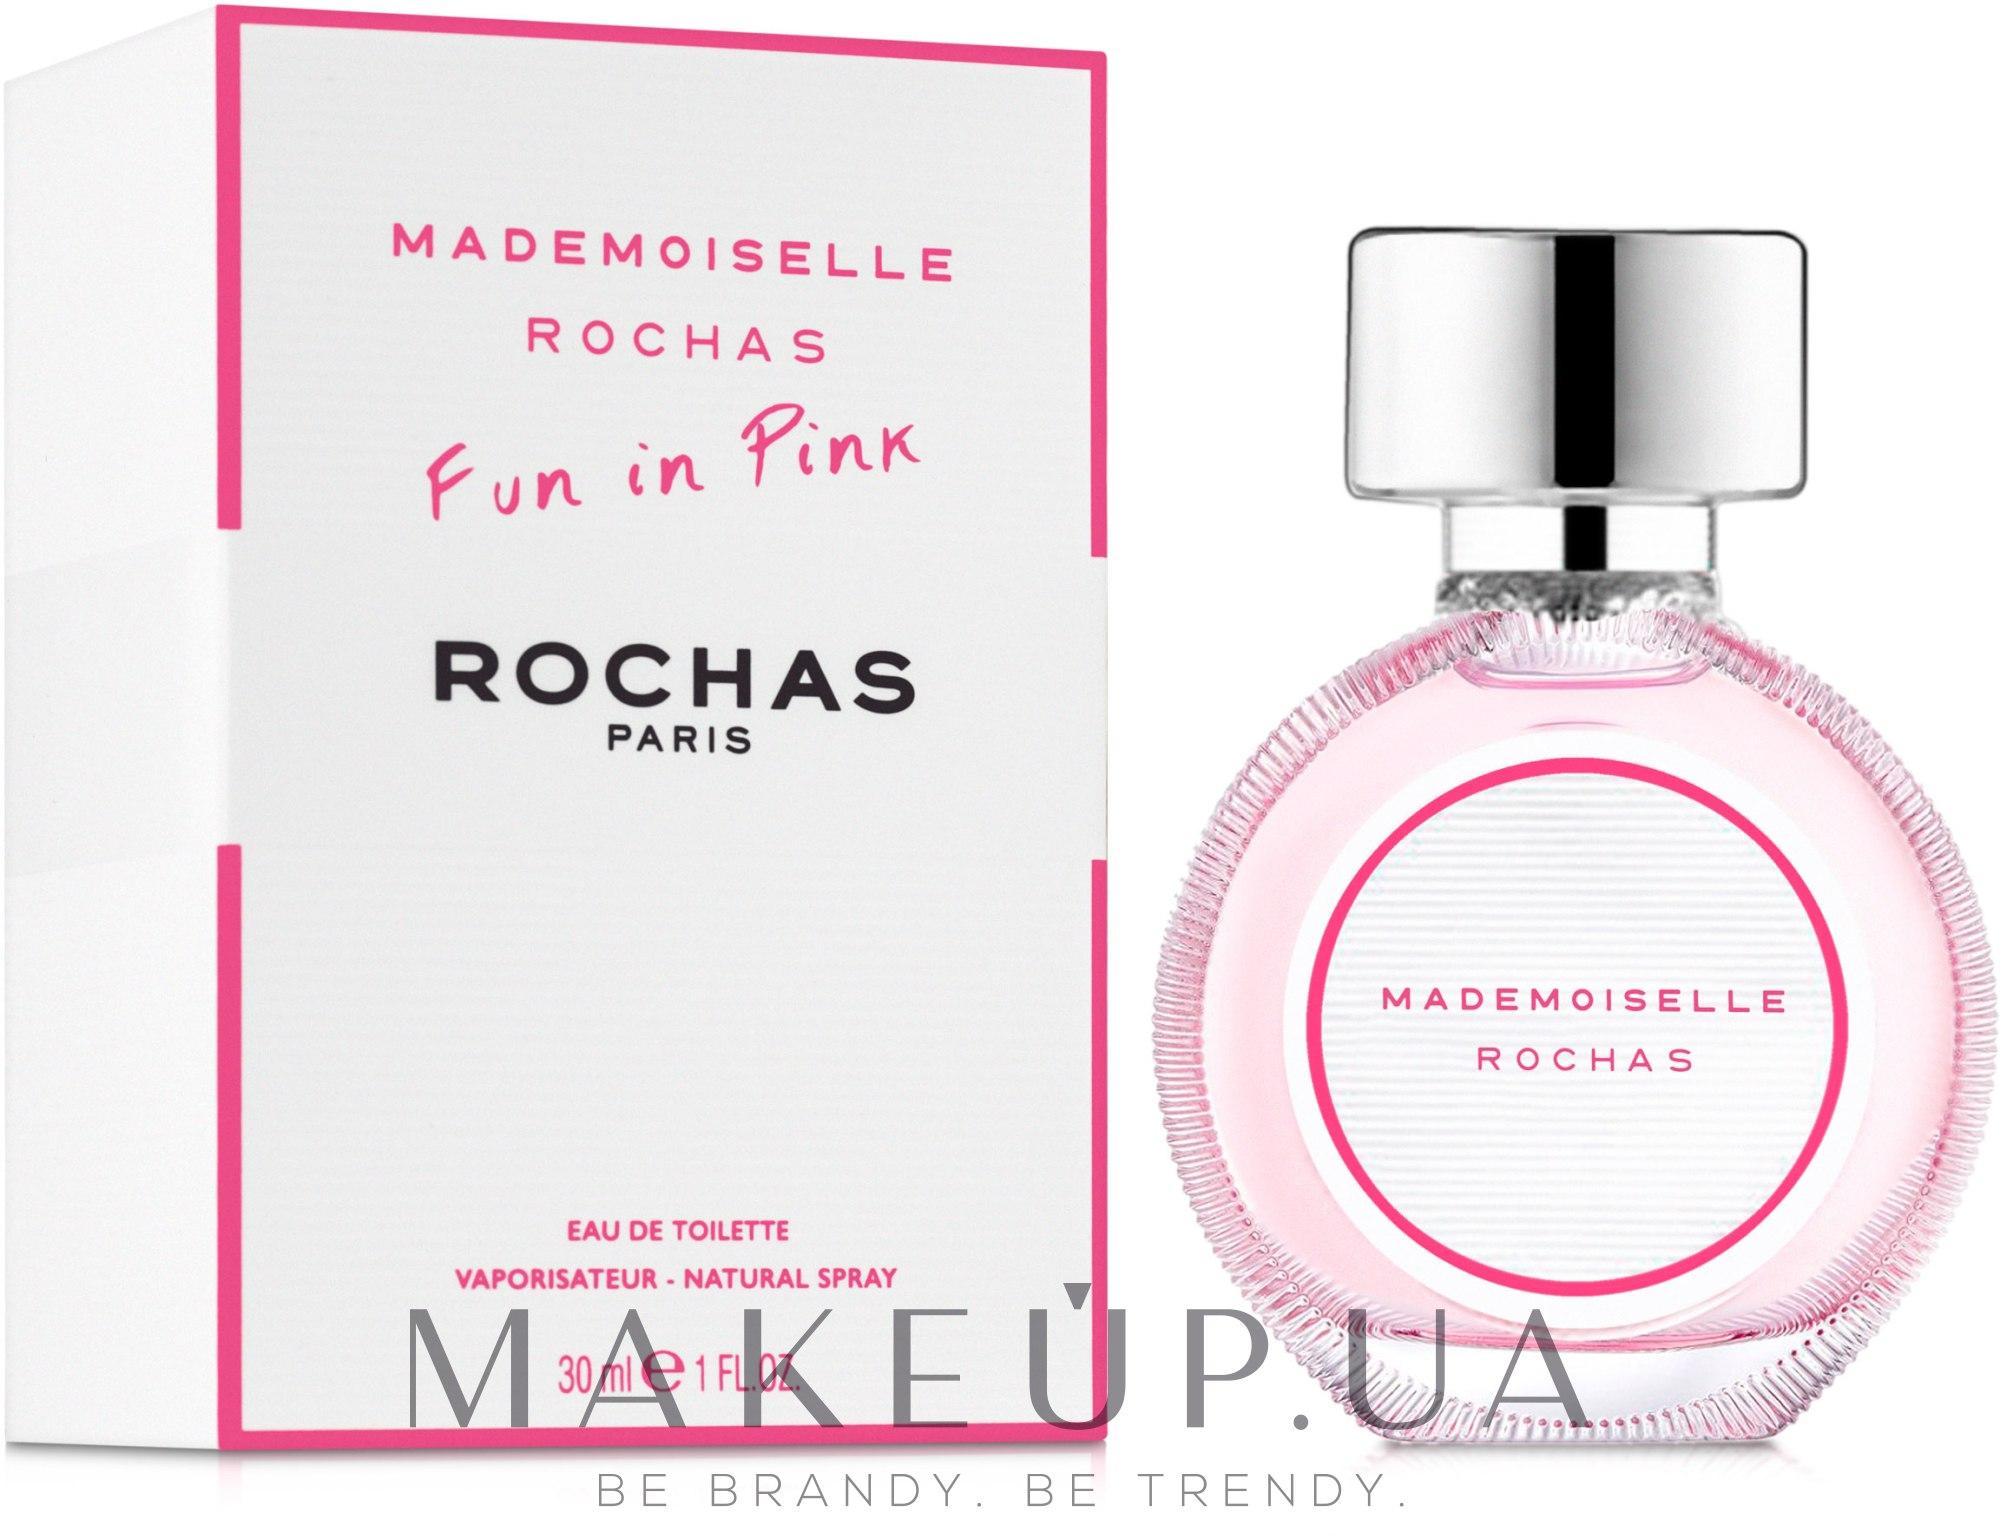 Rochas Mademoiselle Rochas Eau de Toilette - Туалетная вода — фото 30ml